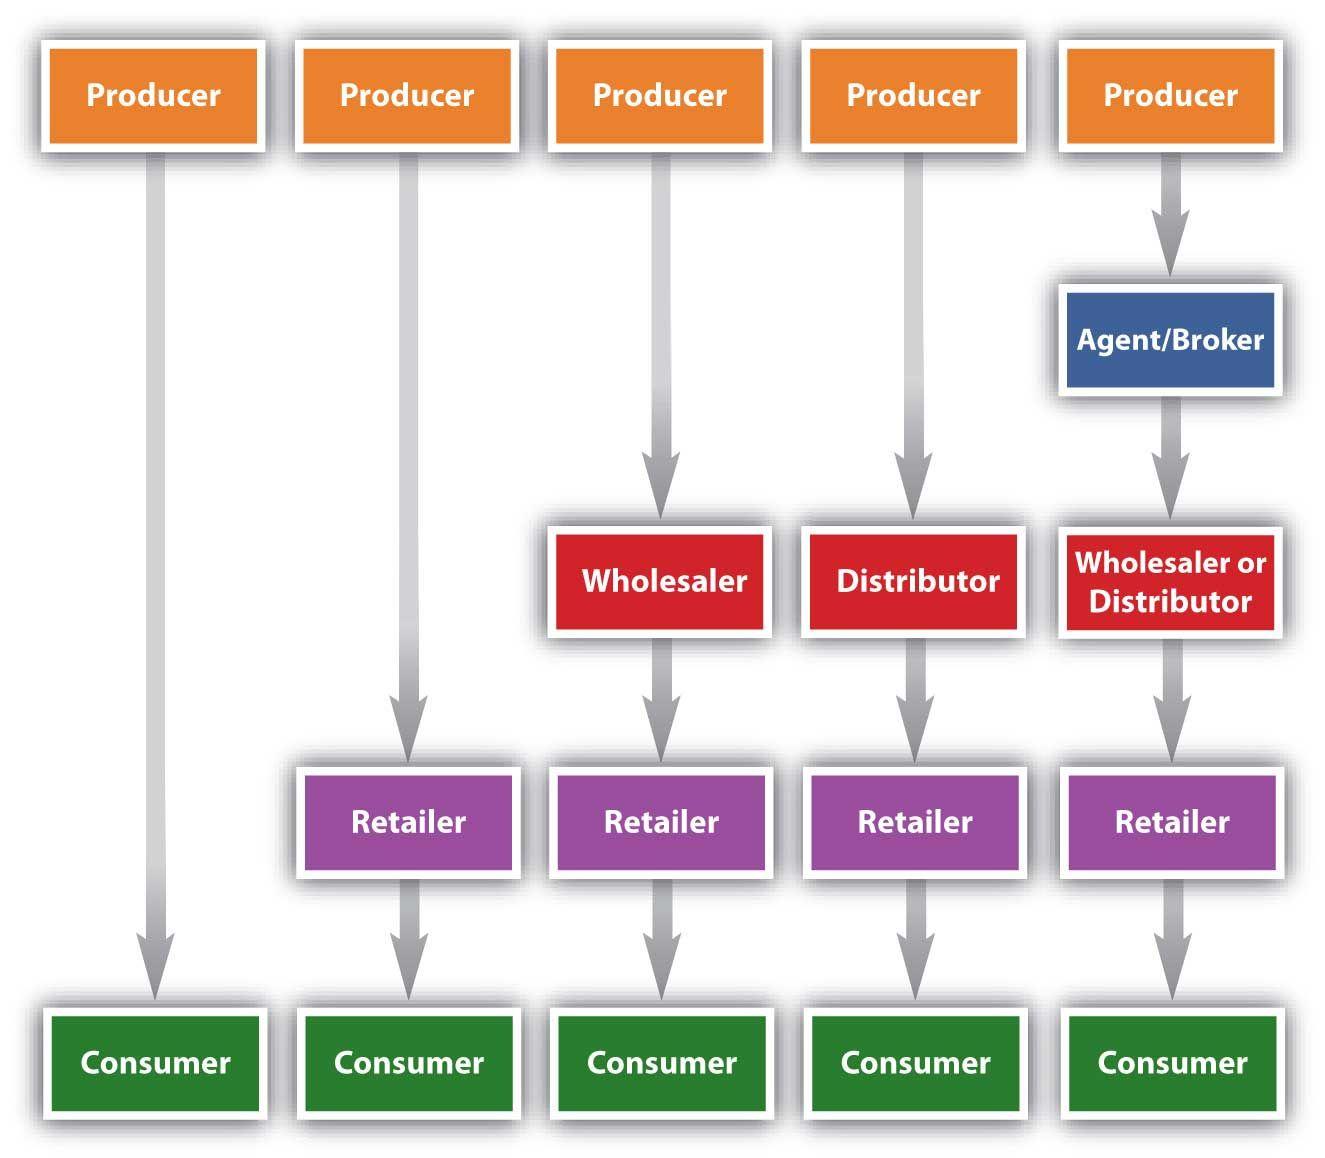 Channel of Distribution in Feasib